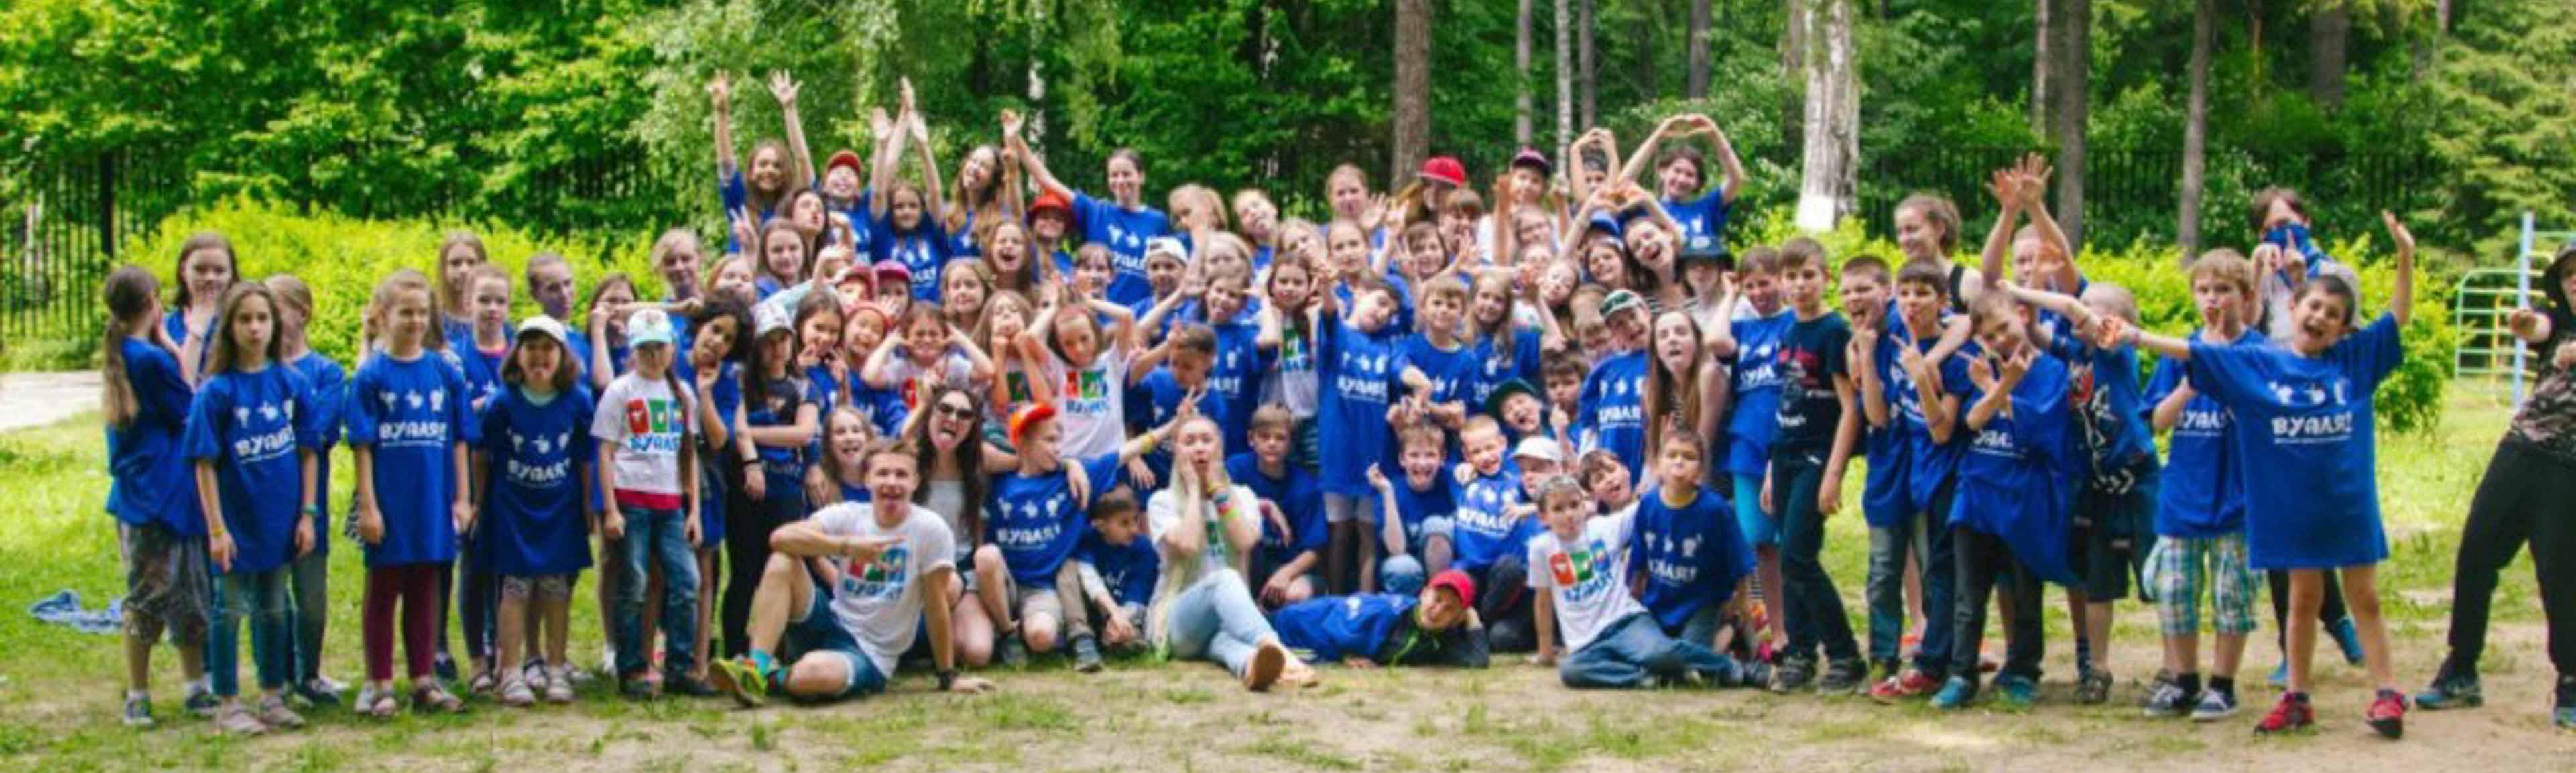 Лагерь Вуаля дети